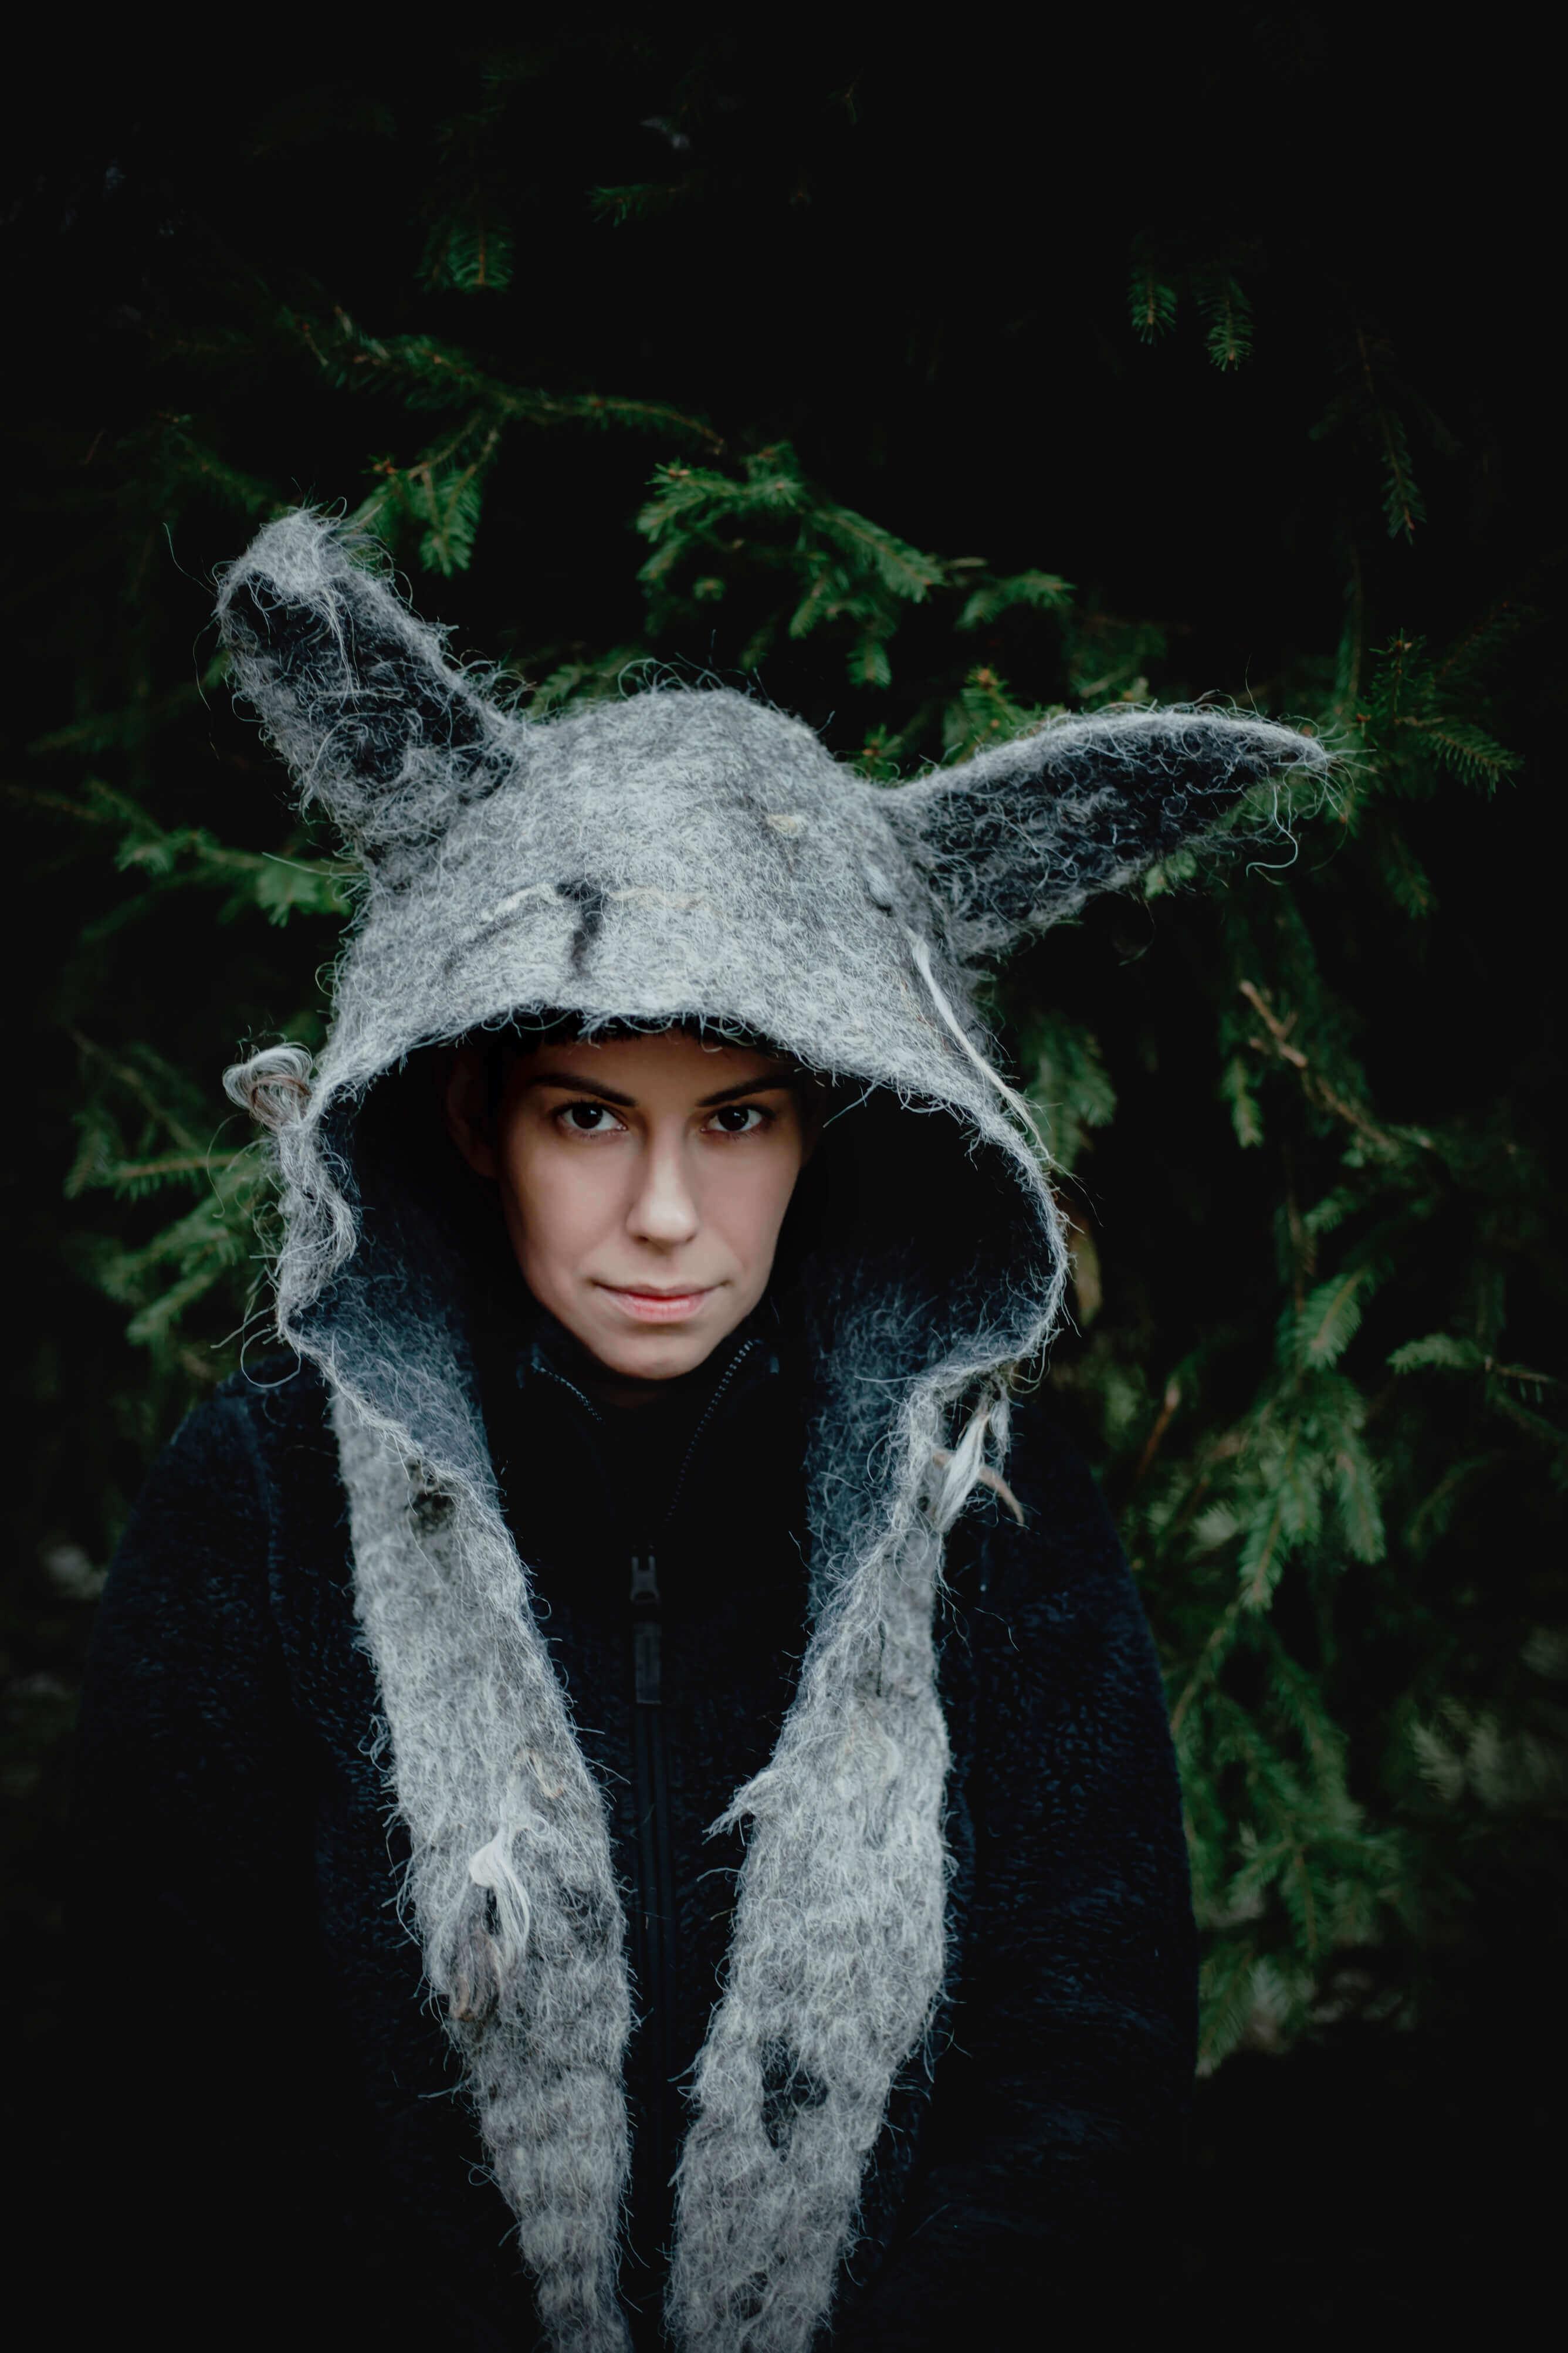 dziewczyna w kapturze kostiumie wilka